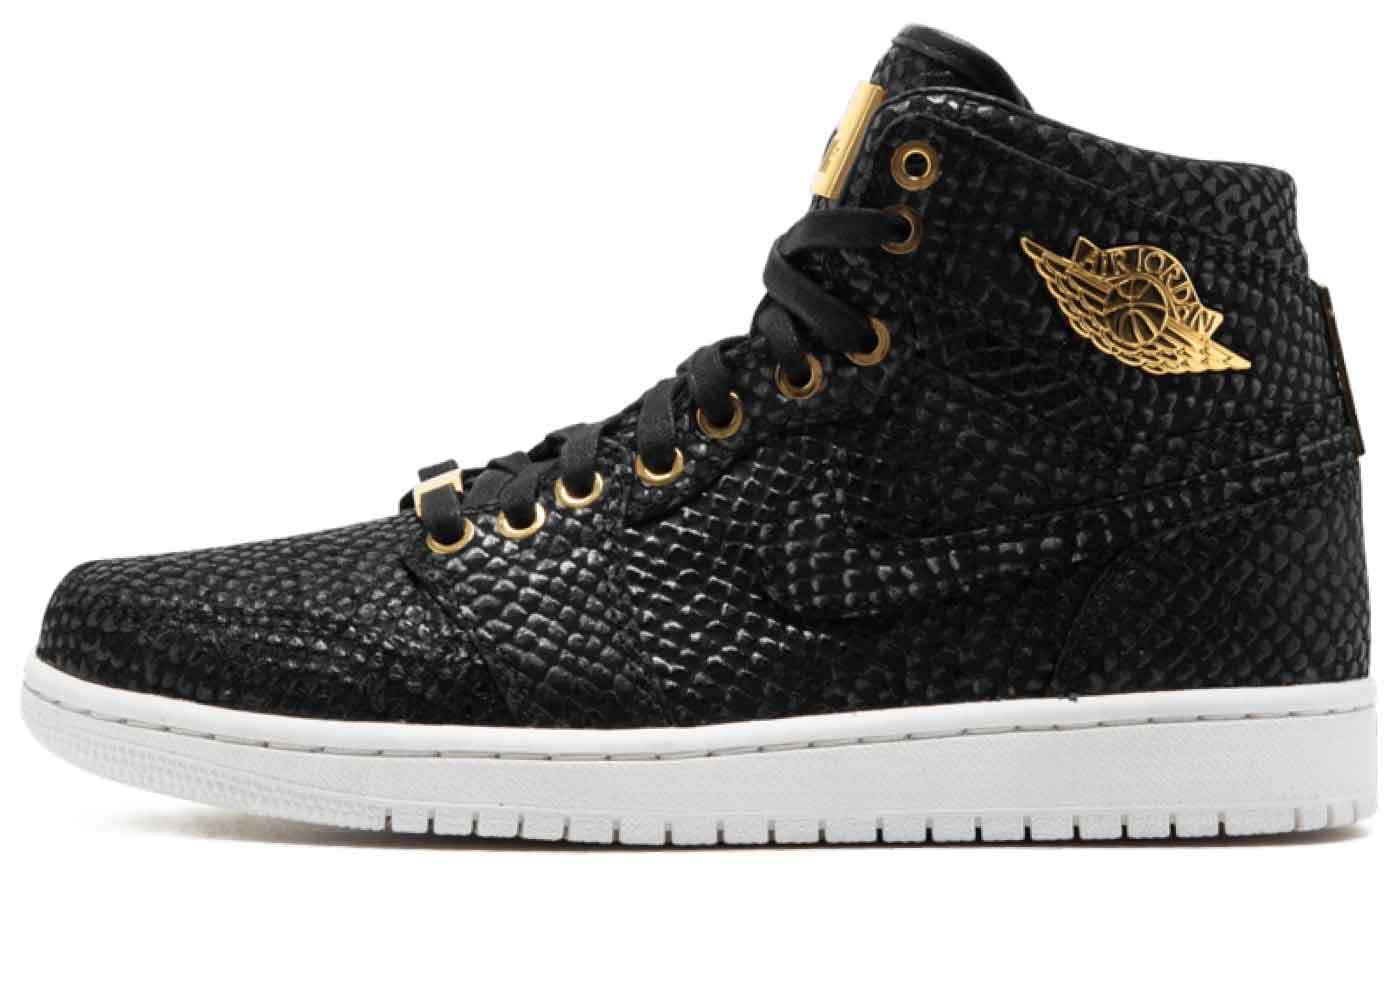 Nike Air Jordan 1 Retro Pinnacle Blackの写真